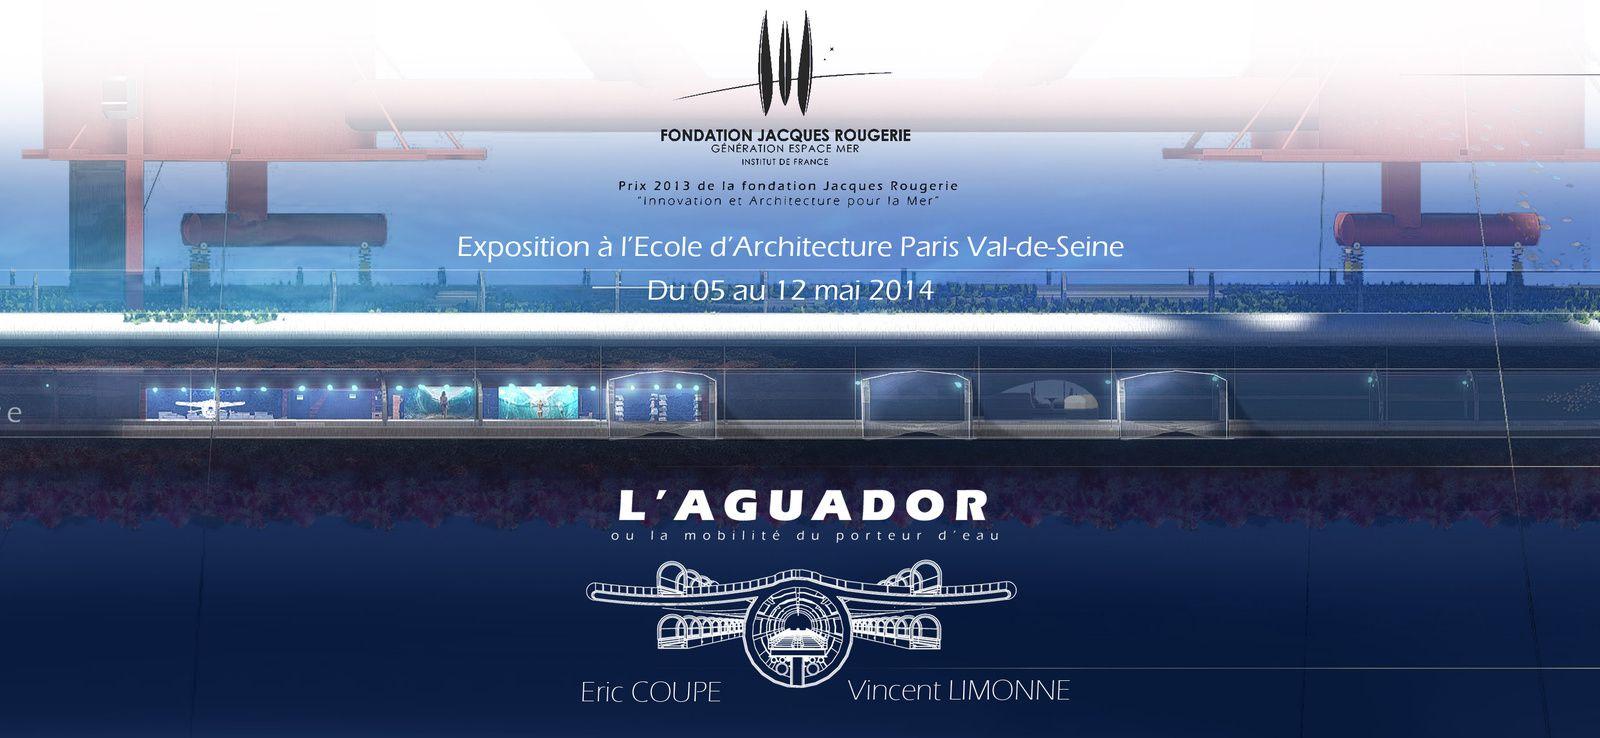 Exposition Fondation Jacques Rougerie : L'Aguador y est exposé!